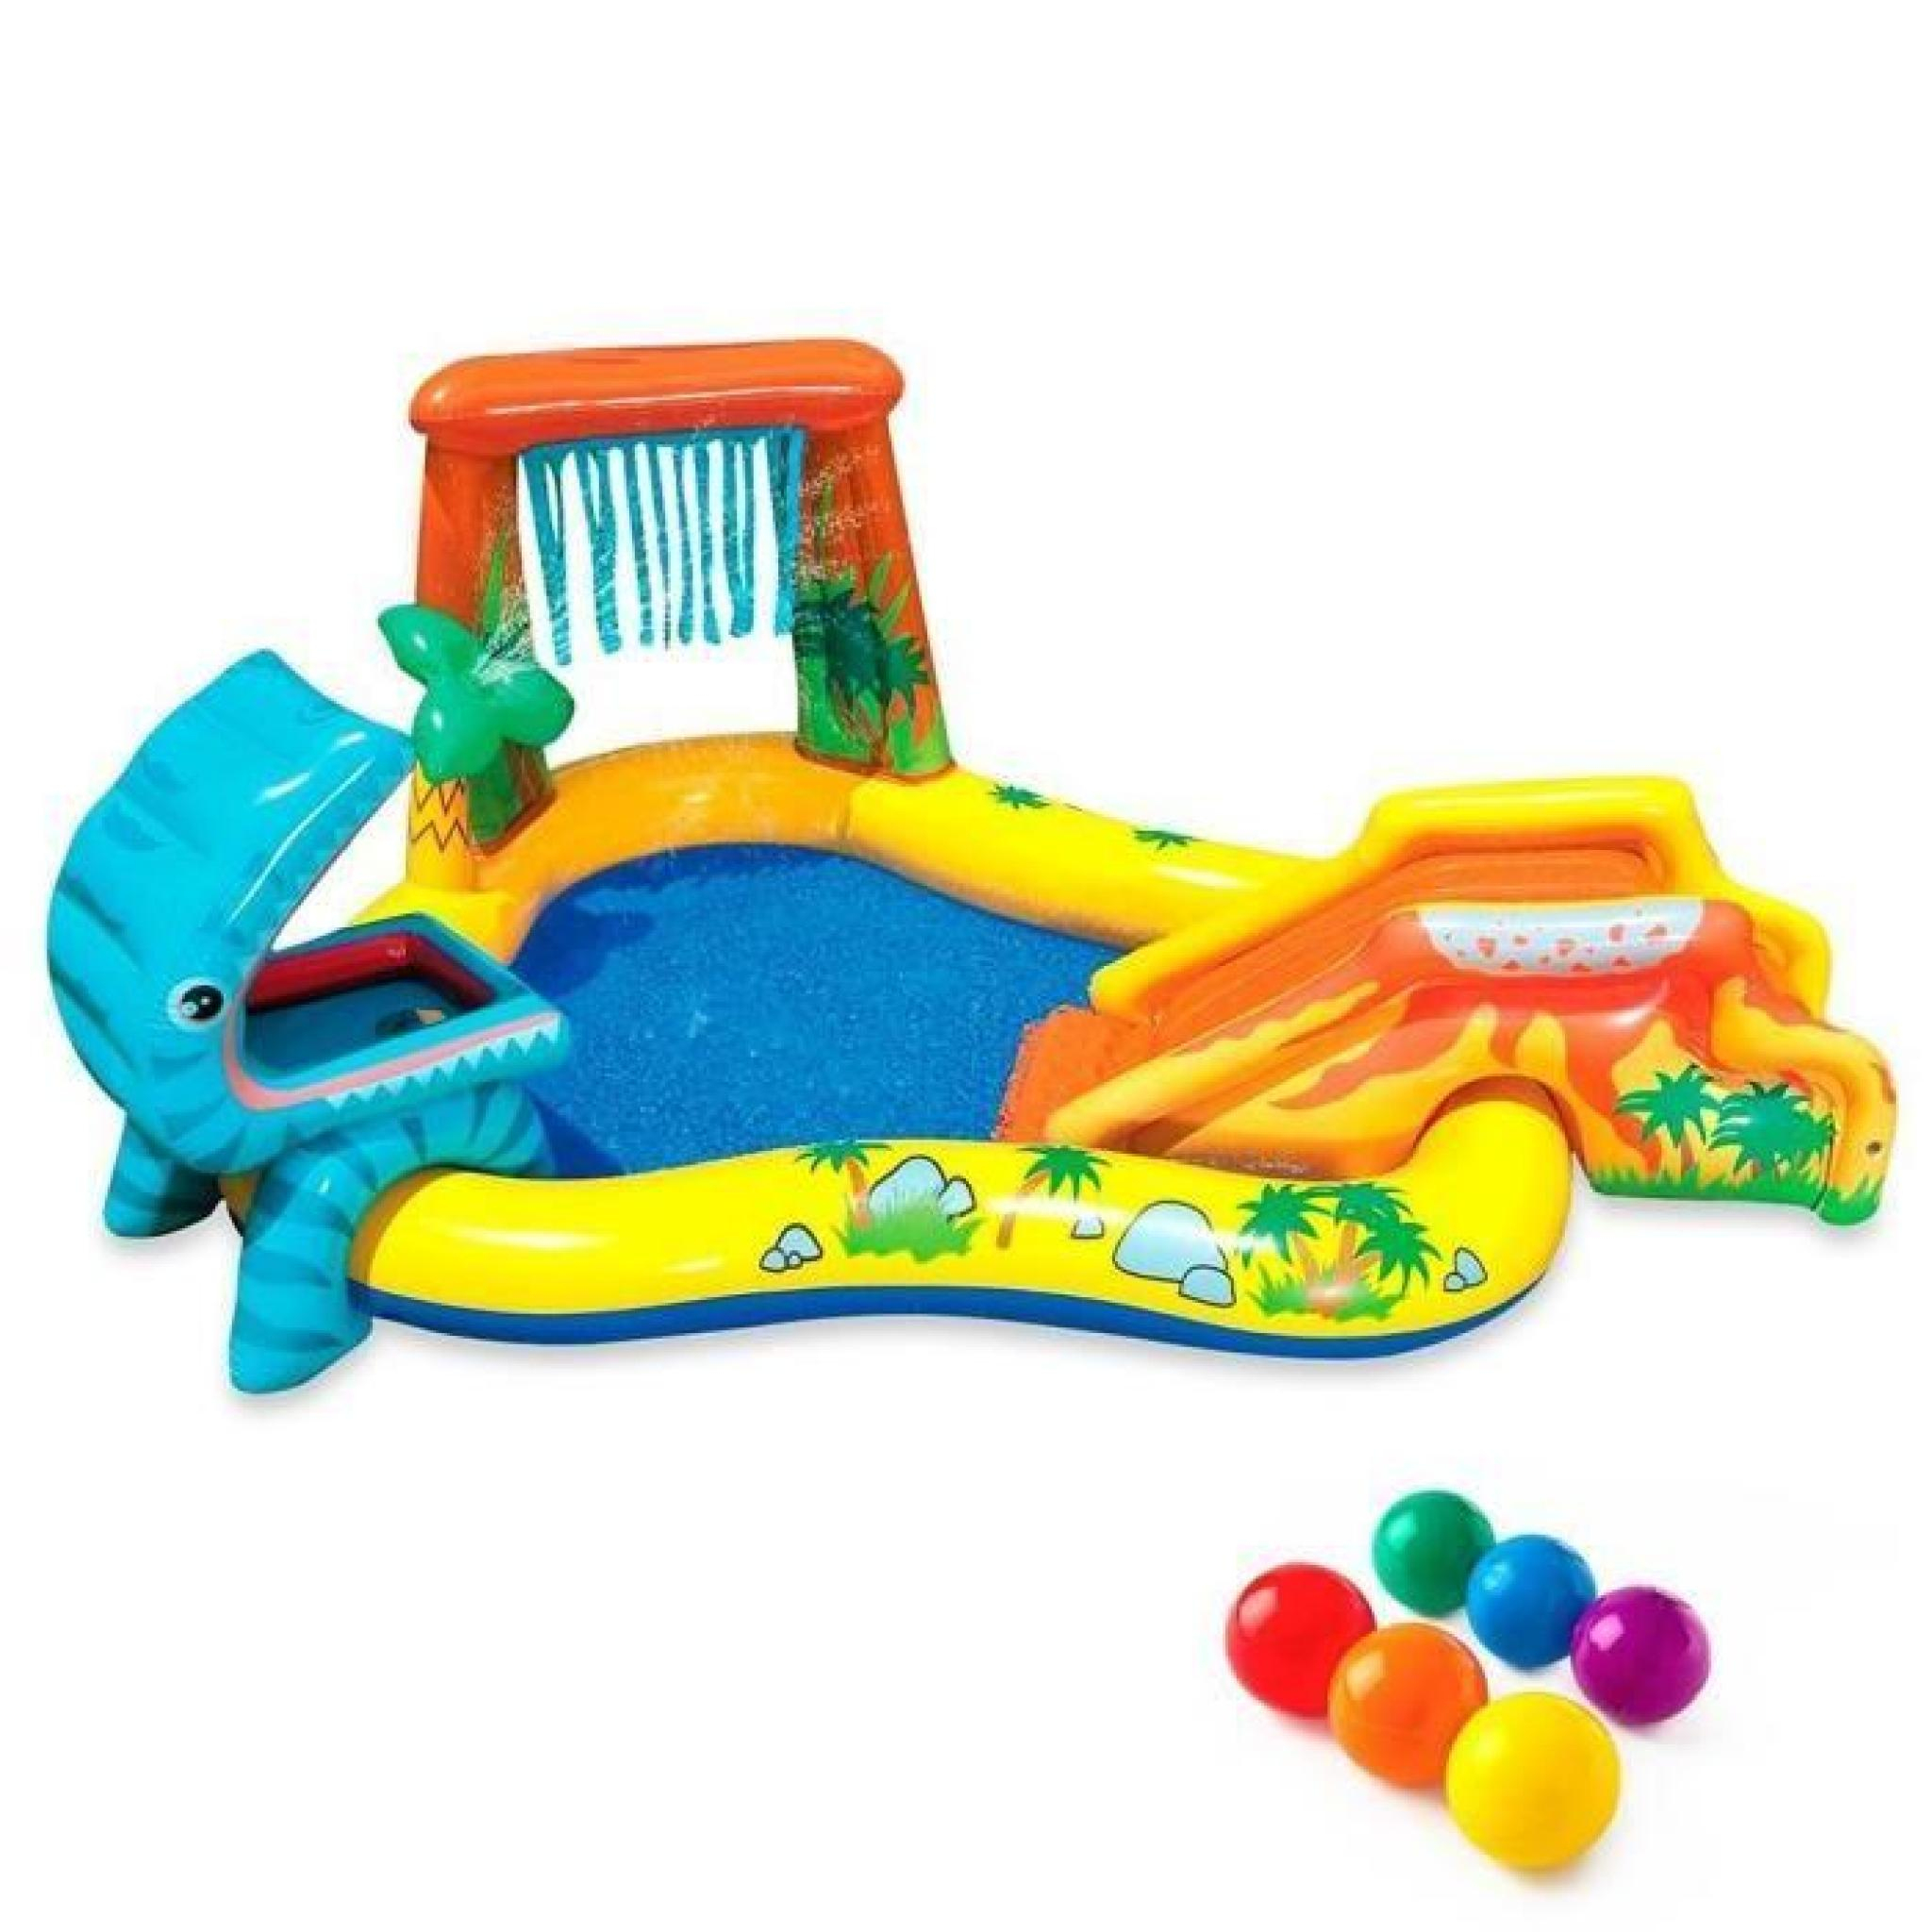 Intex Piscine Gonflable Enfant / Aire De Jeux Aquatique 297 X 193 X 135 Cm  Rainbow Avec Toboggan, Sprayer, Anneaux Gonflables Et Bal destiné Aire De Jeux Gonflable Avec Piscine